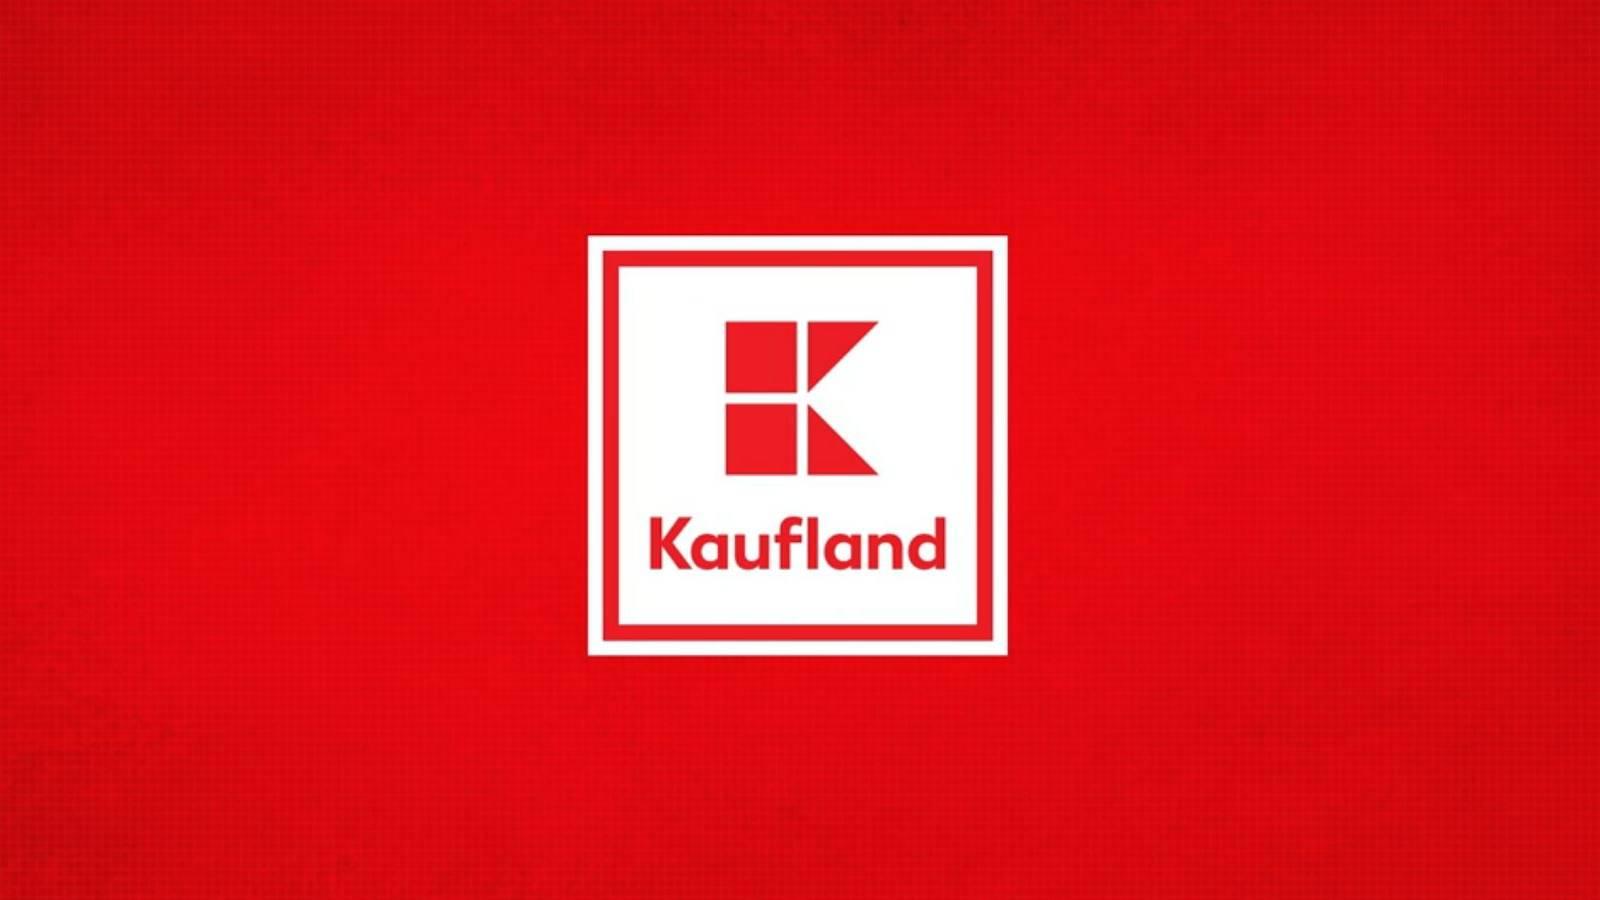 Kaufland spirit